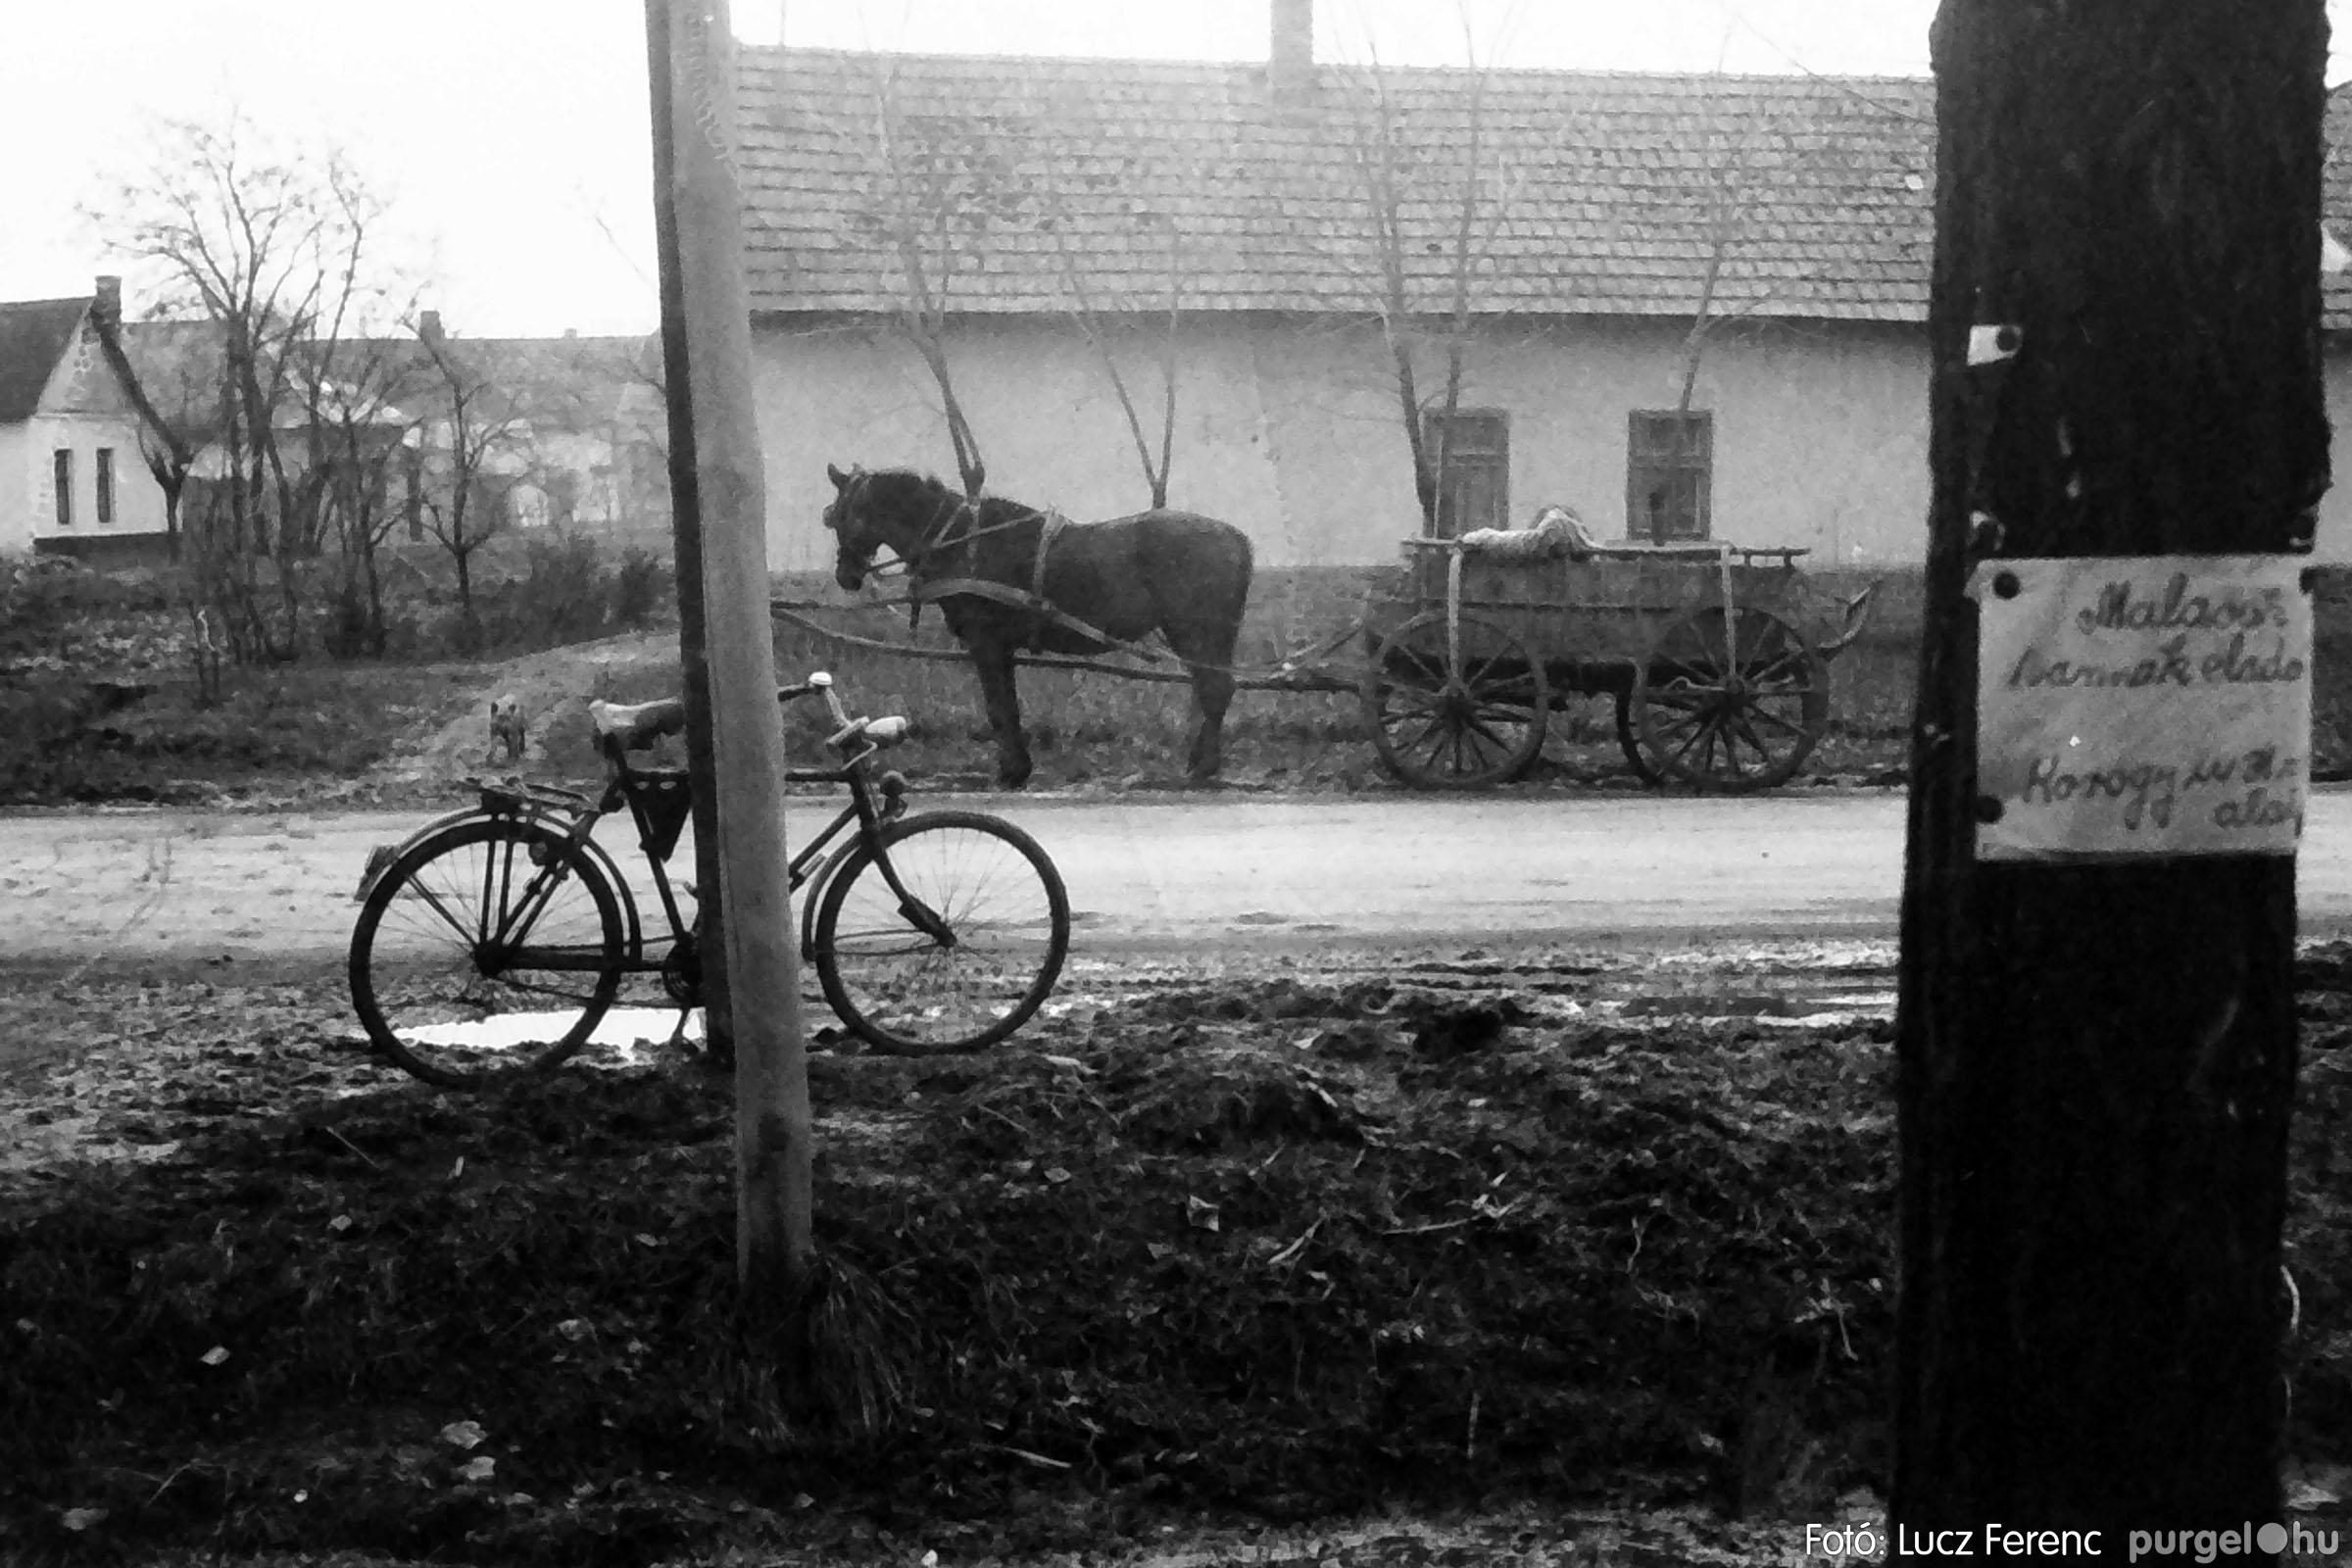 007 1975. Vegyes képek 022 - Fotó: Lucz Ferenc IMG00084.JPG